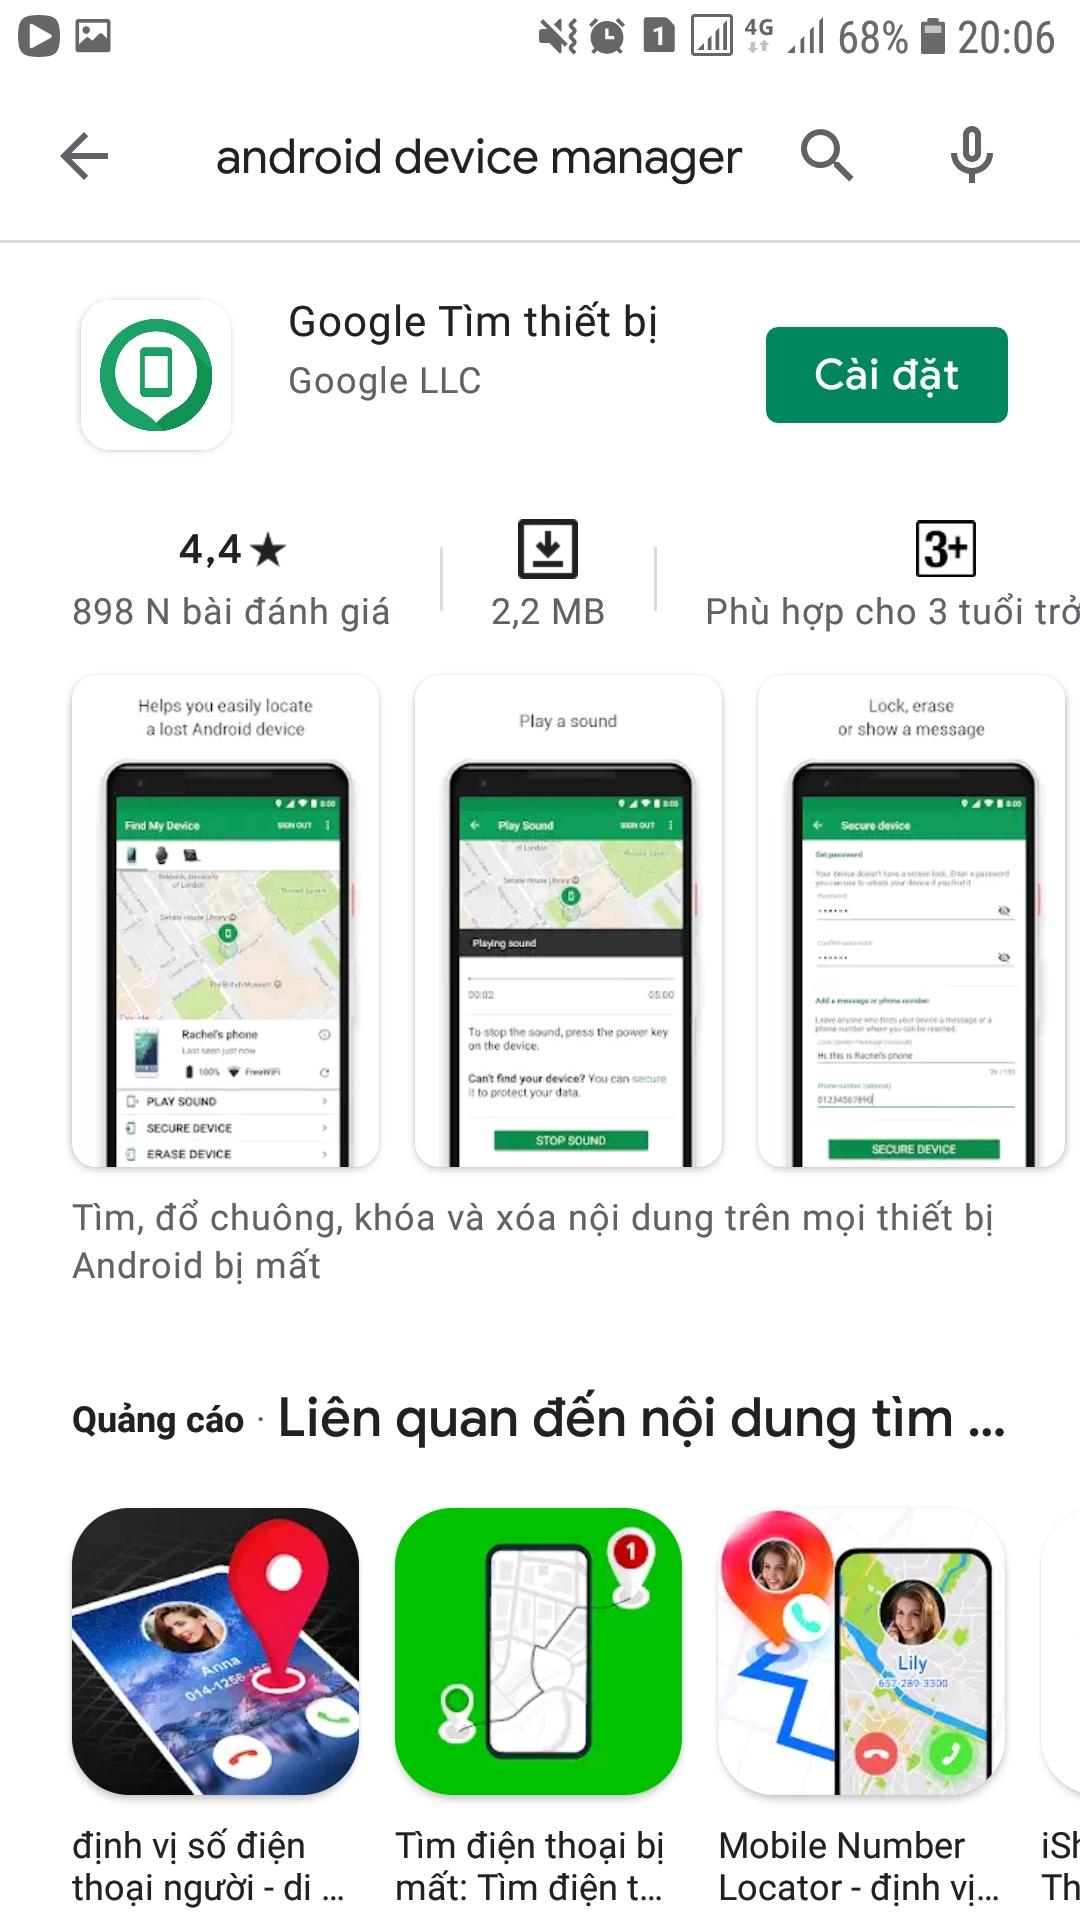 cach-tim-dien-thoai-android-khi-bi-mat-cach2-buoc1